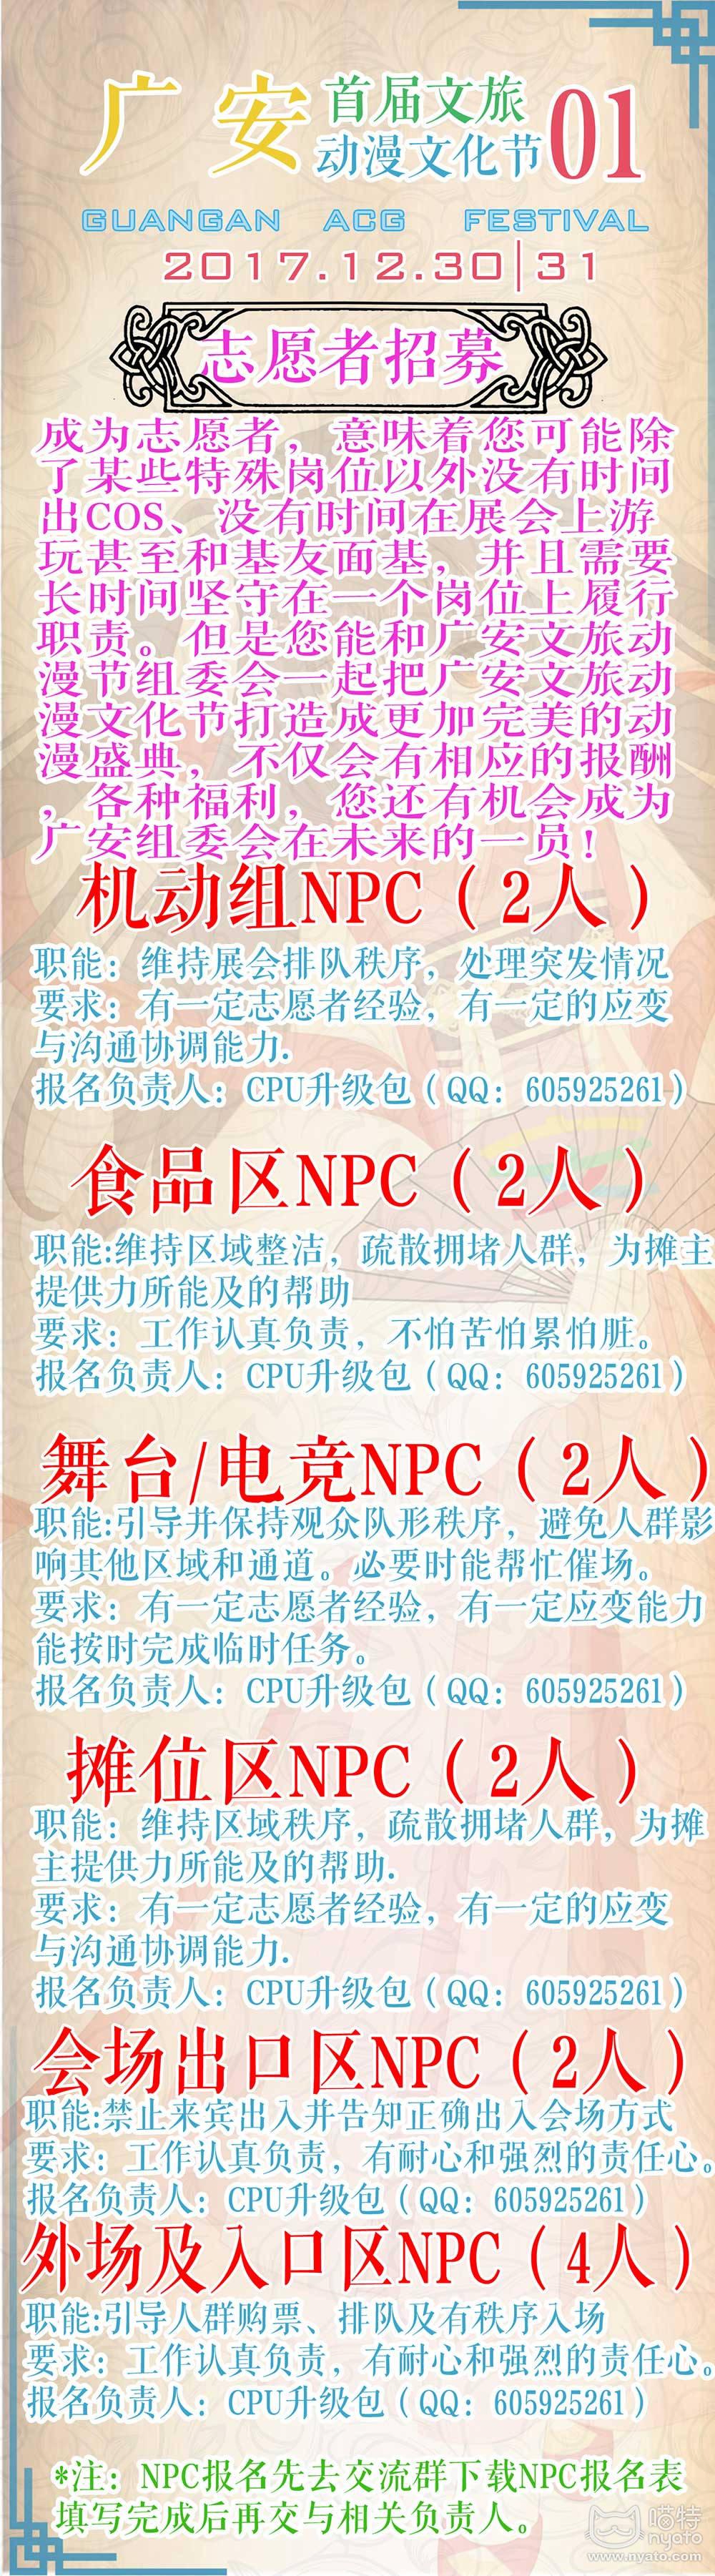 广安NPC招募.jpg